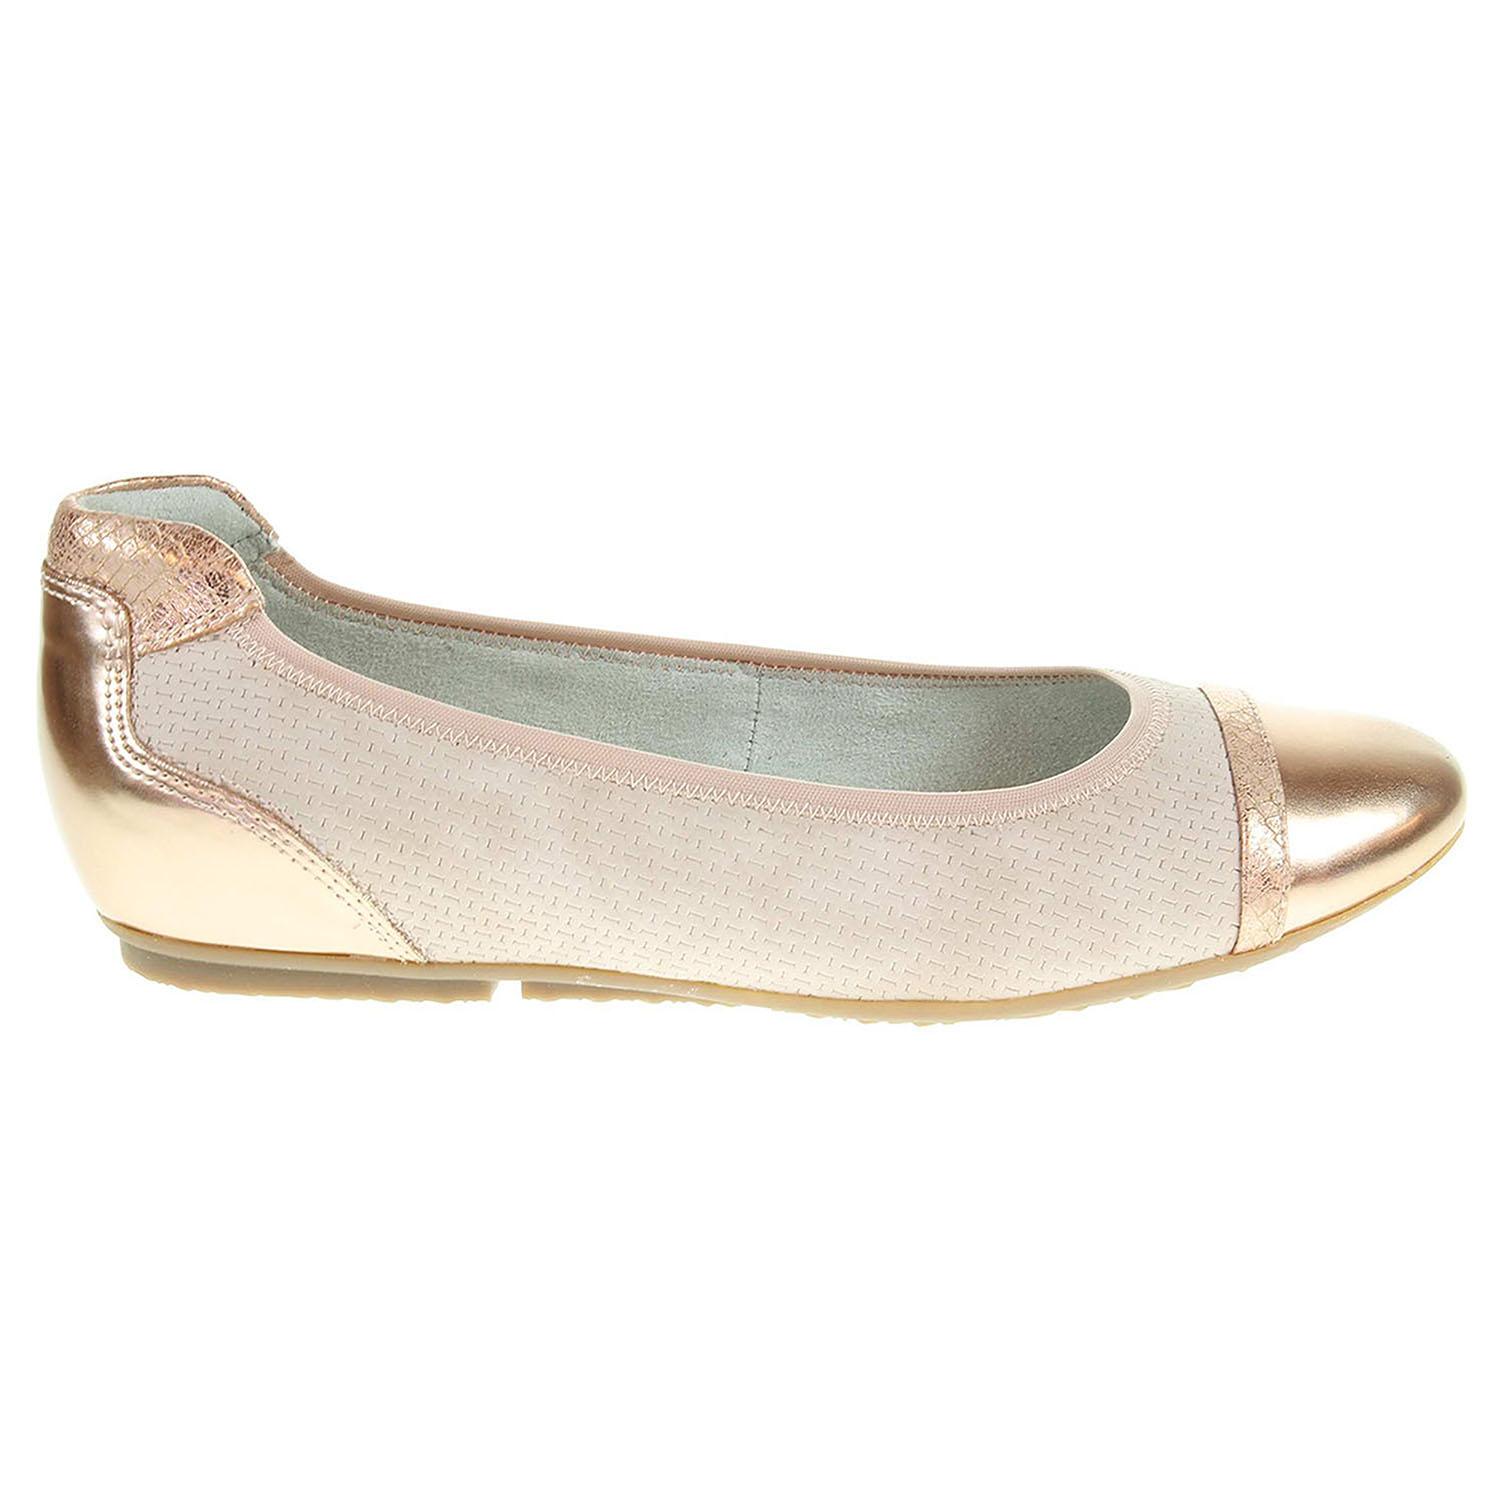 Ecco Tamaris dámské baleriny 1-22119-28 růžové 23300872